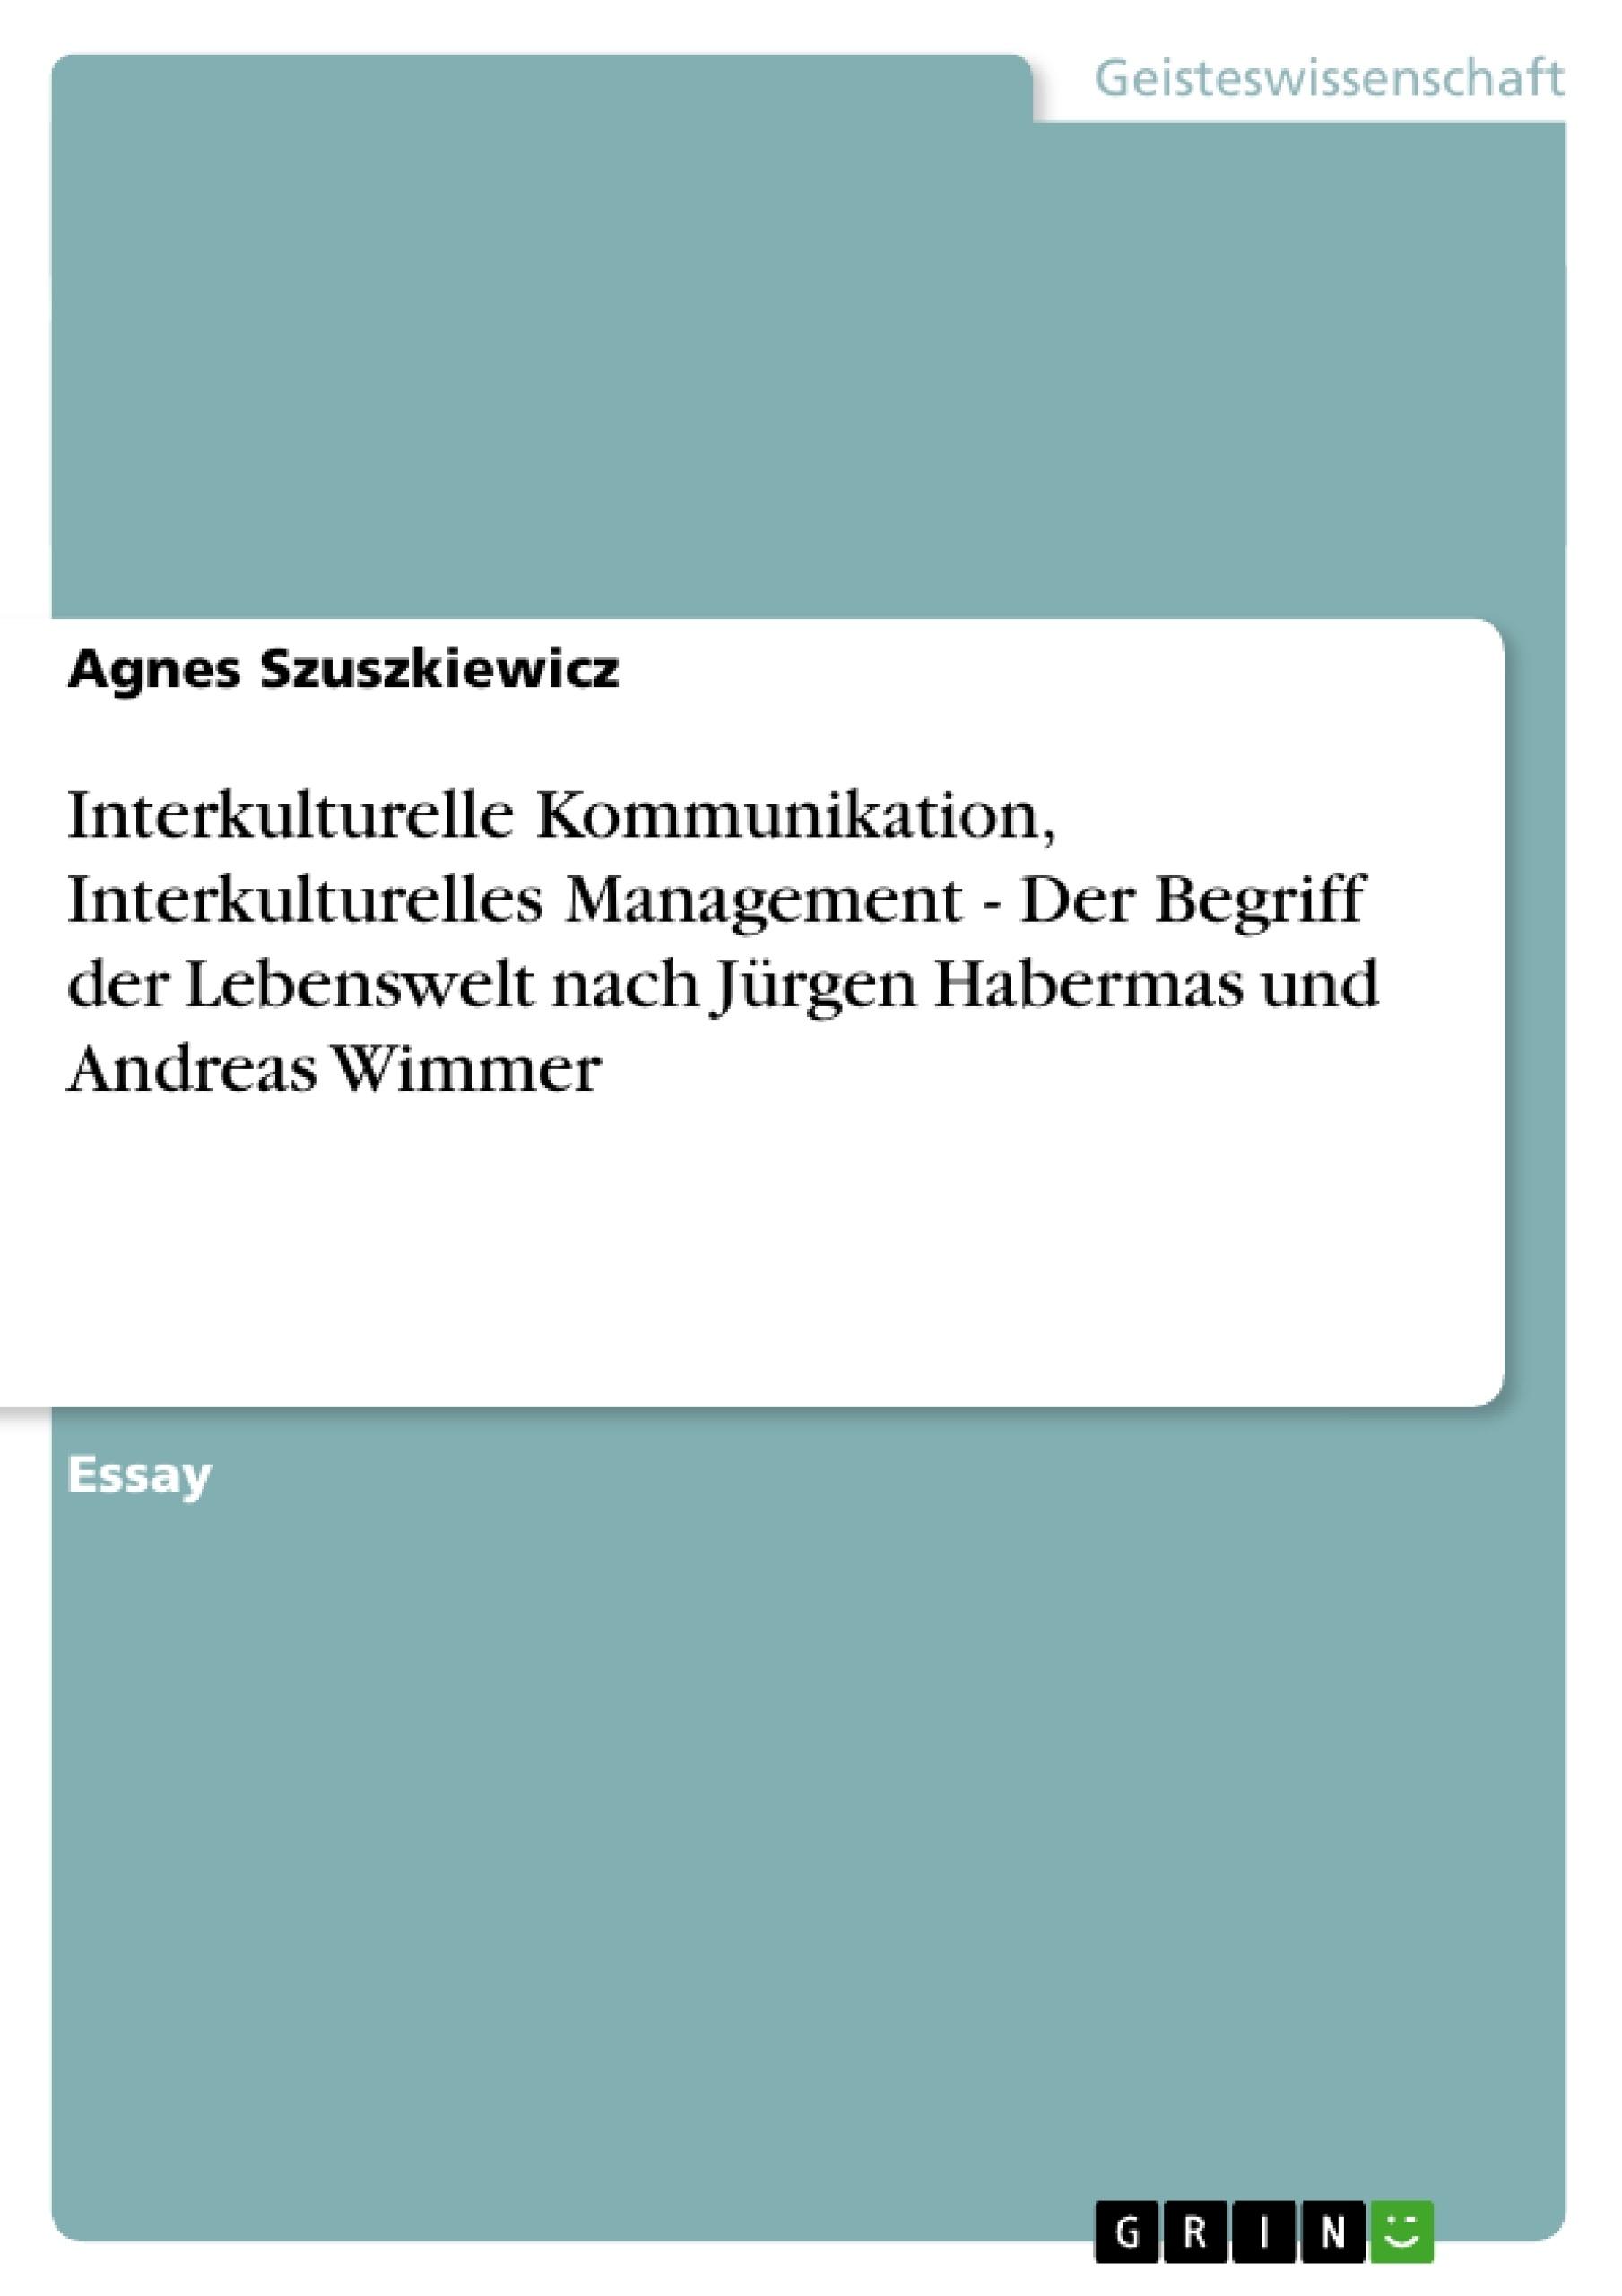 Titel: Interkulturelle Kommunikation, Interkulturelles Management - Der Begriff der Lebenswelt nach Jürgen Habermas und Andreas Wimmer